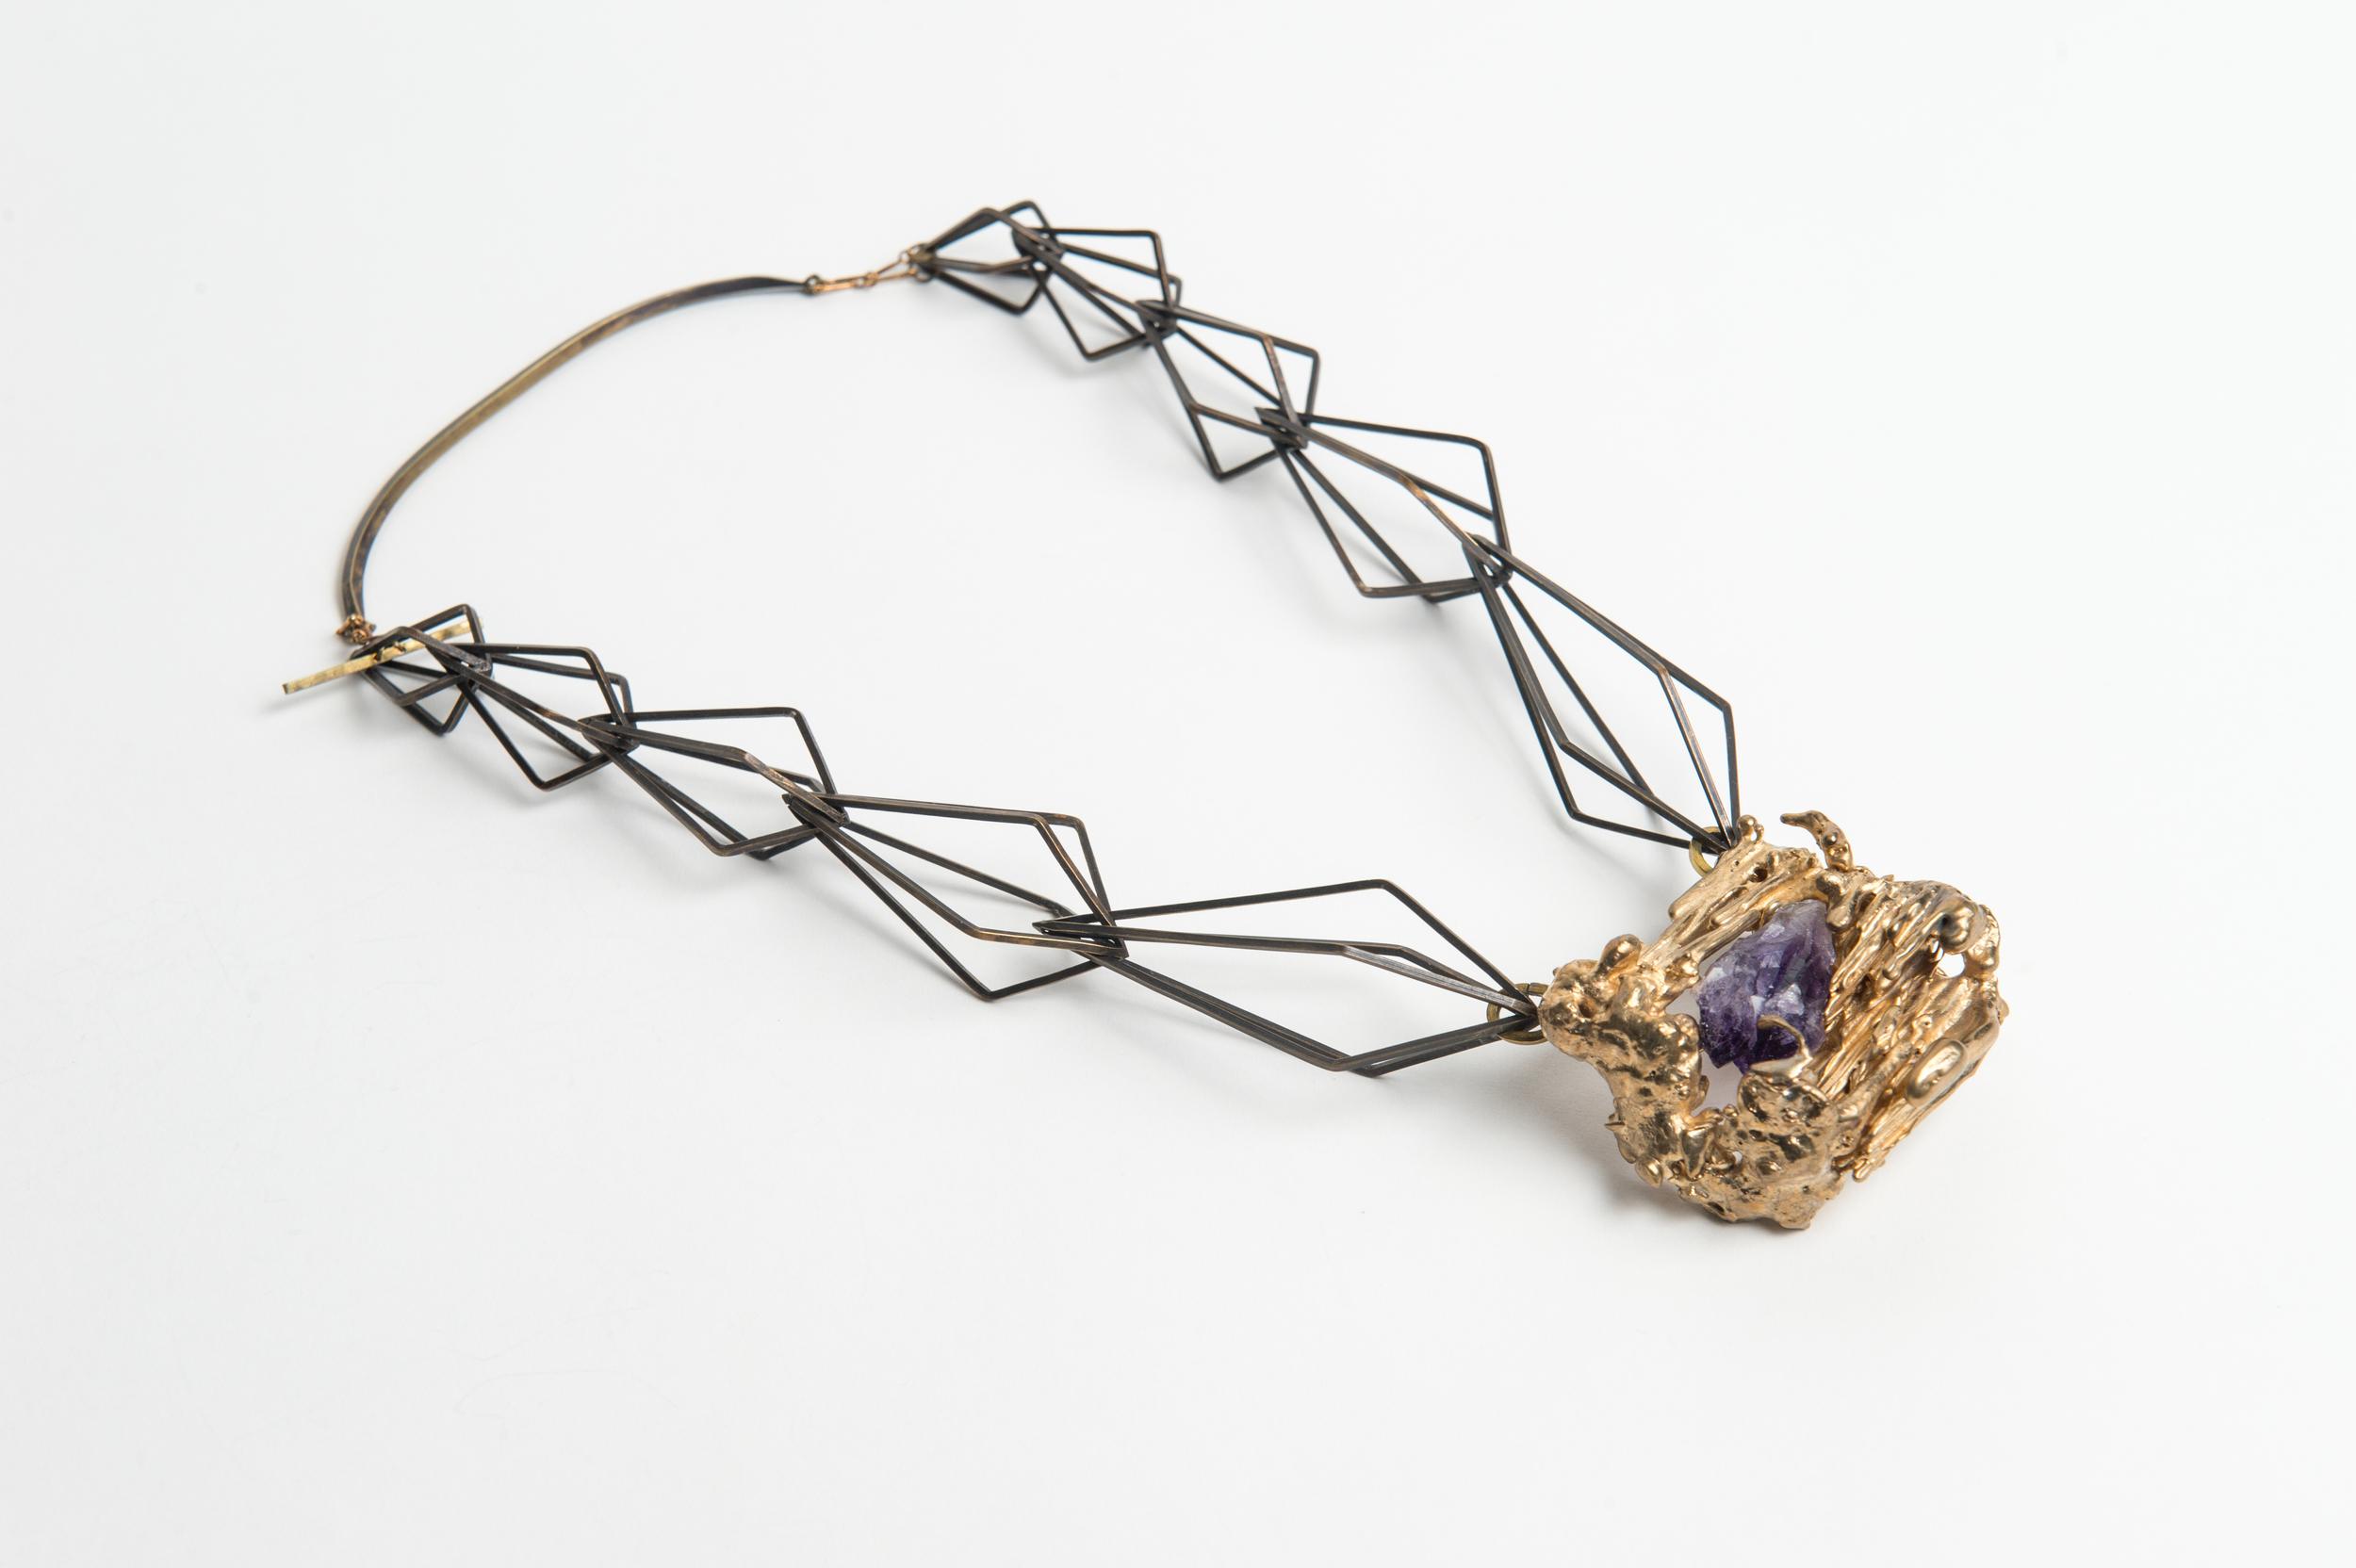 Brass wire, bronze cast, natural amethyst